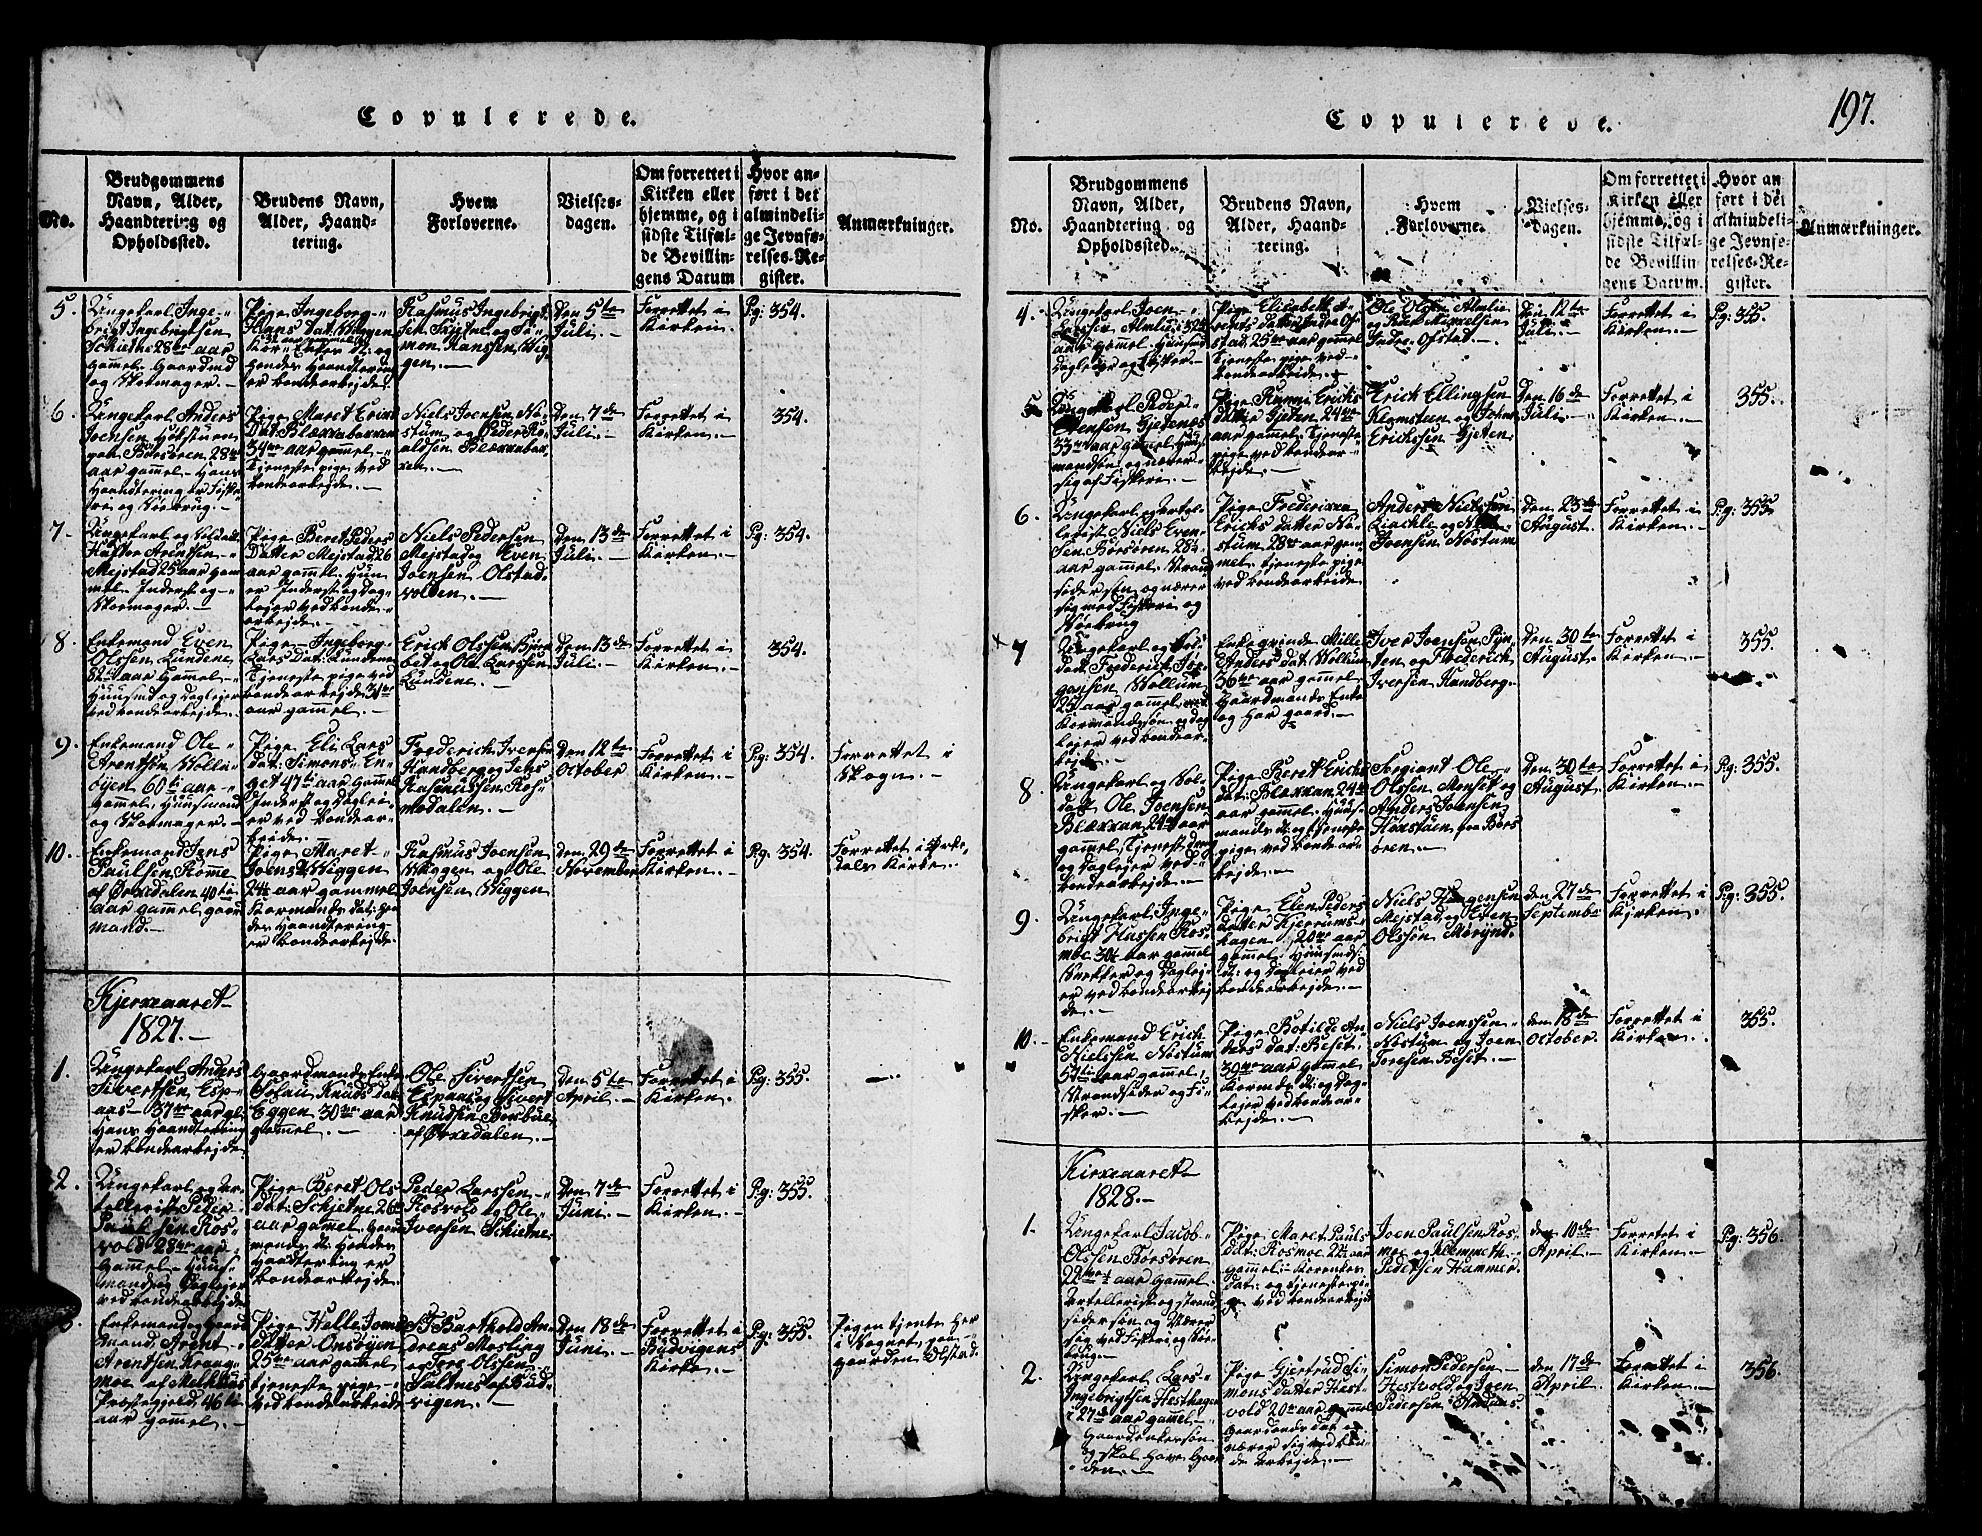 SAT, Ministerialprotokoller, klokkerbøker og fødselsregistre - Sør-Trøndelag, 665/L0776: Klokkerbok nr. 665C01, 1817-1837, s. 197